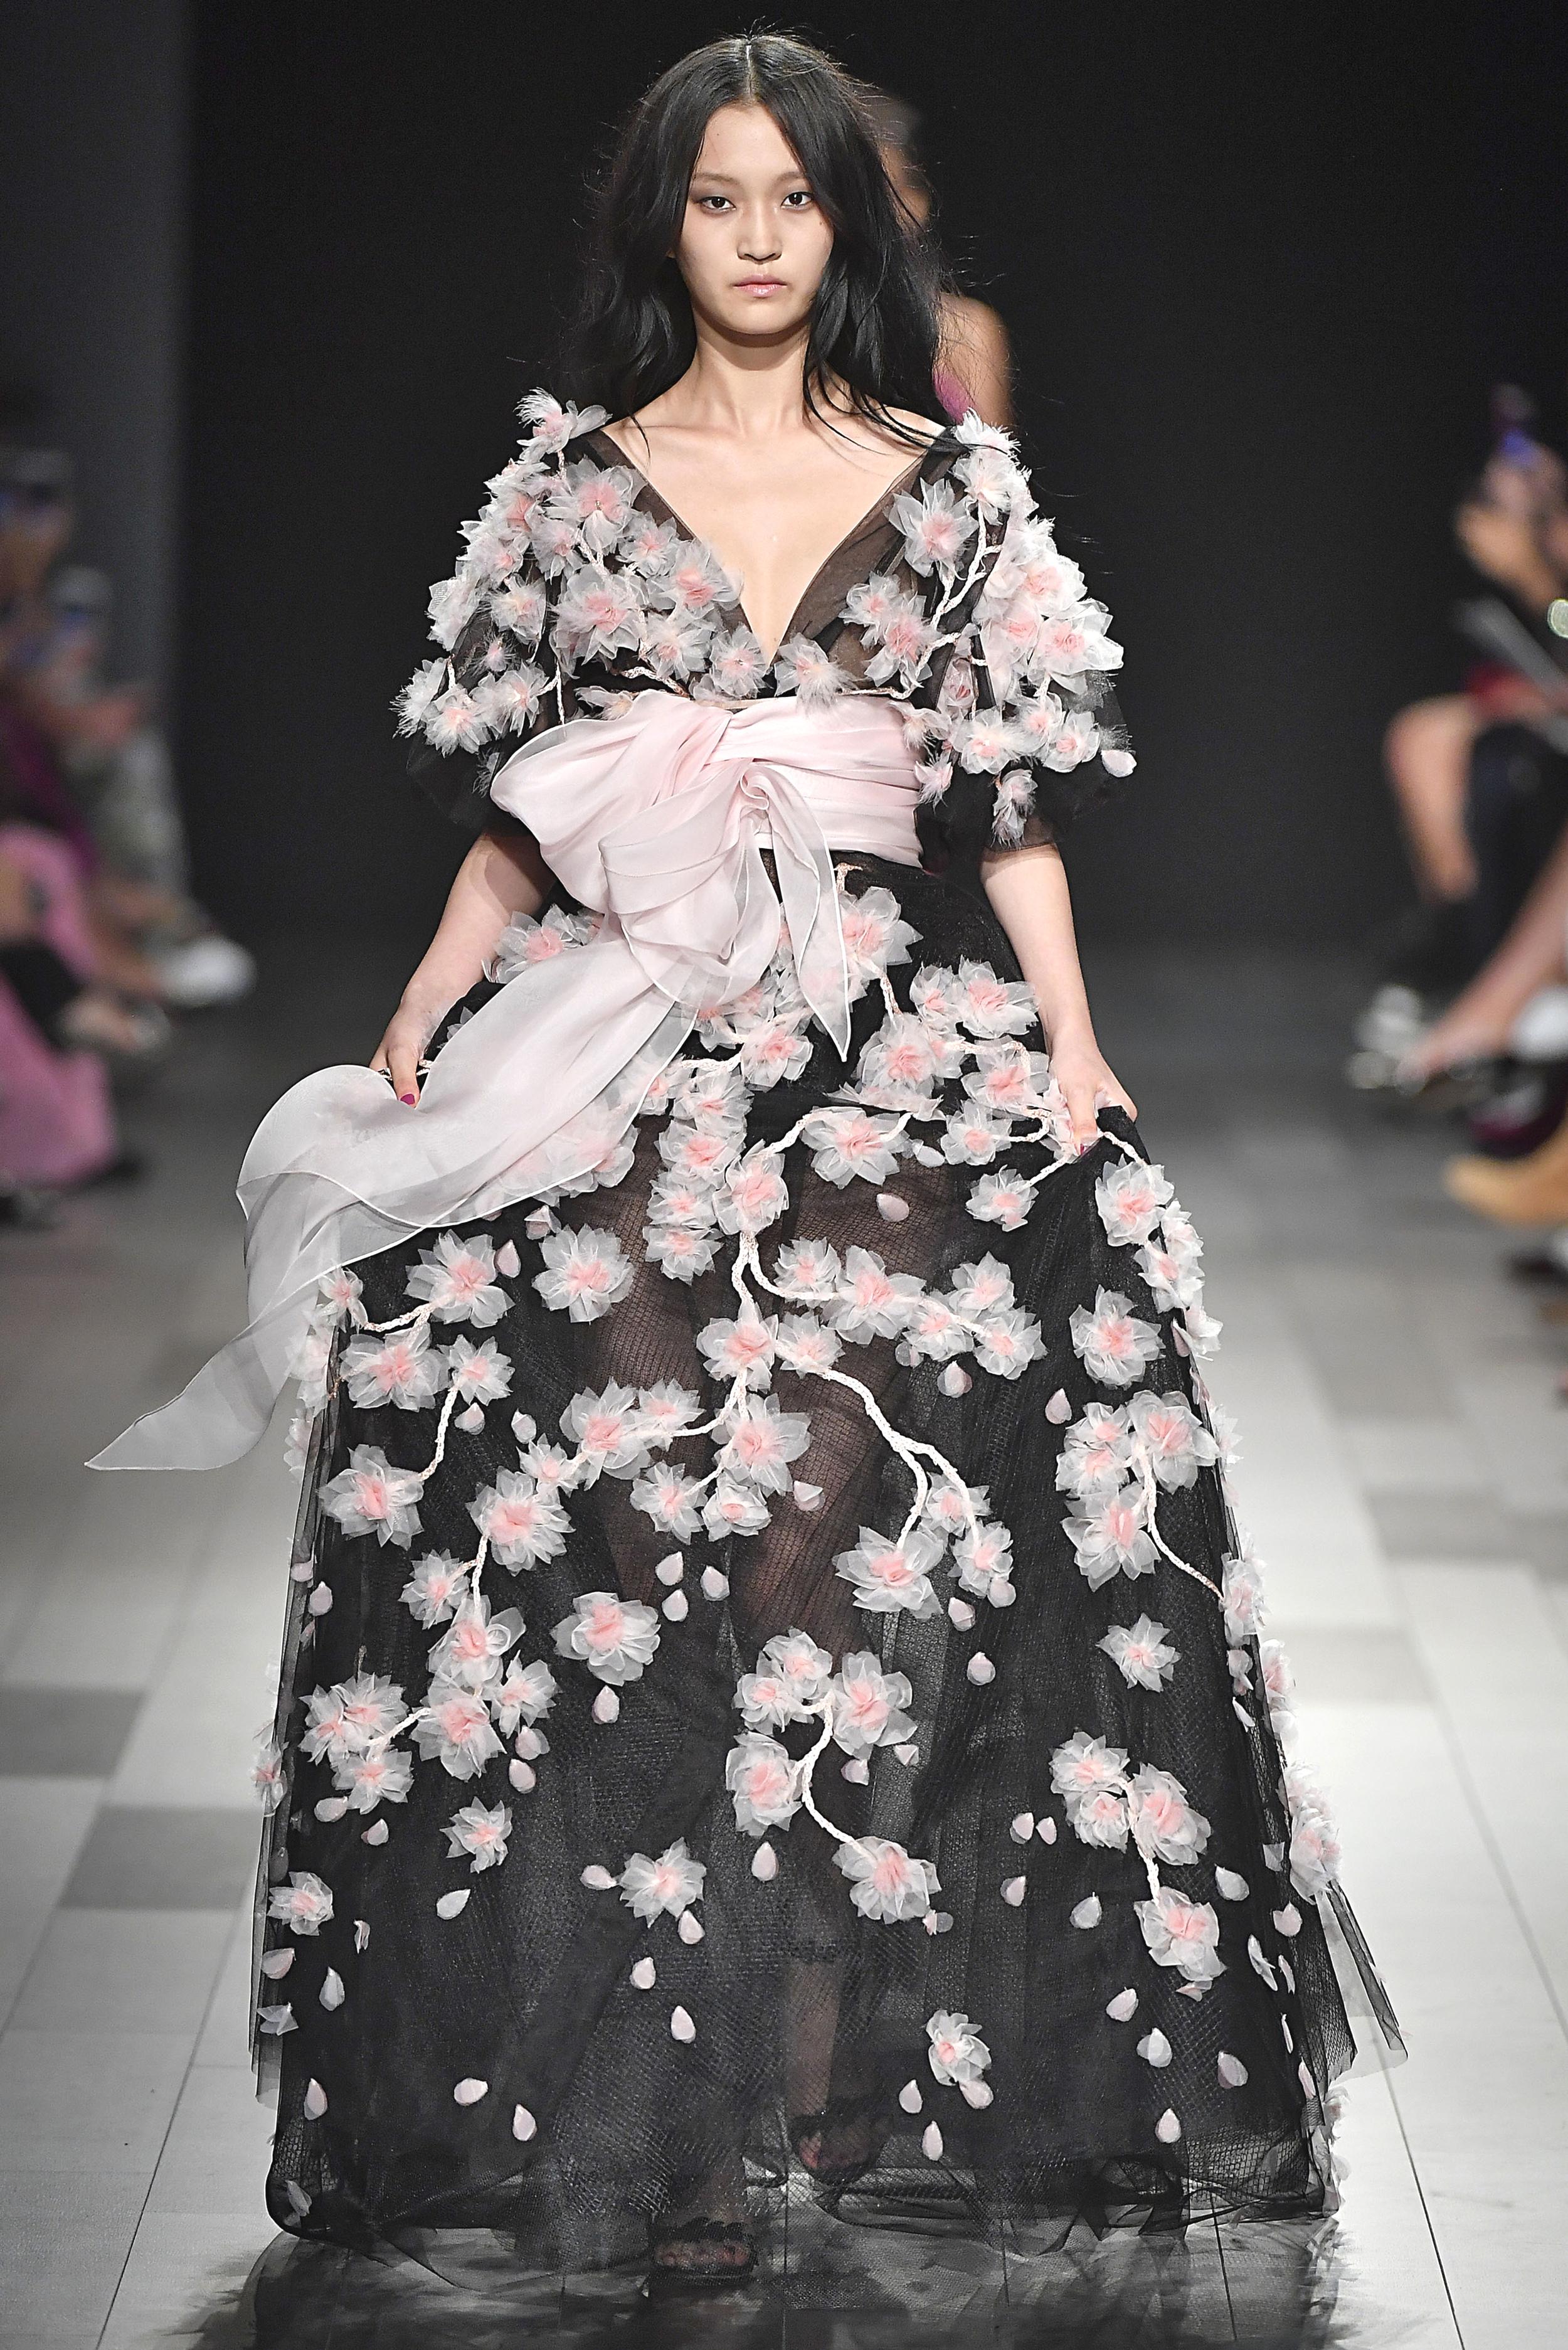 New York Fashion Week Spring/Summer 2018: Kleid mit durchsichtigem Rock in der Show von Marchesa